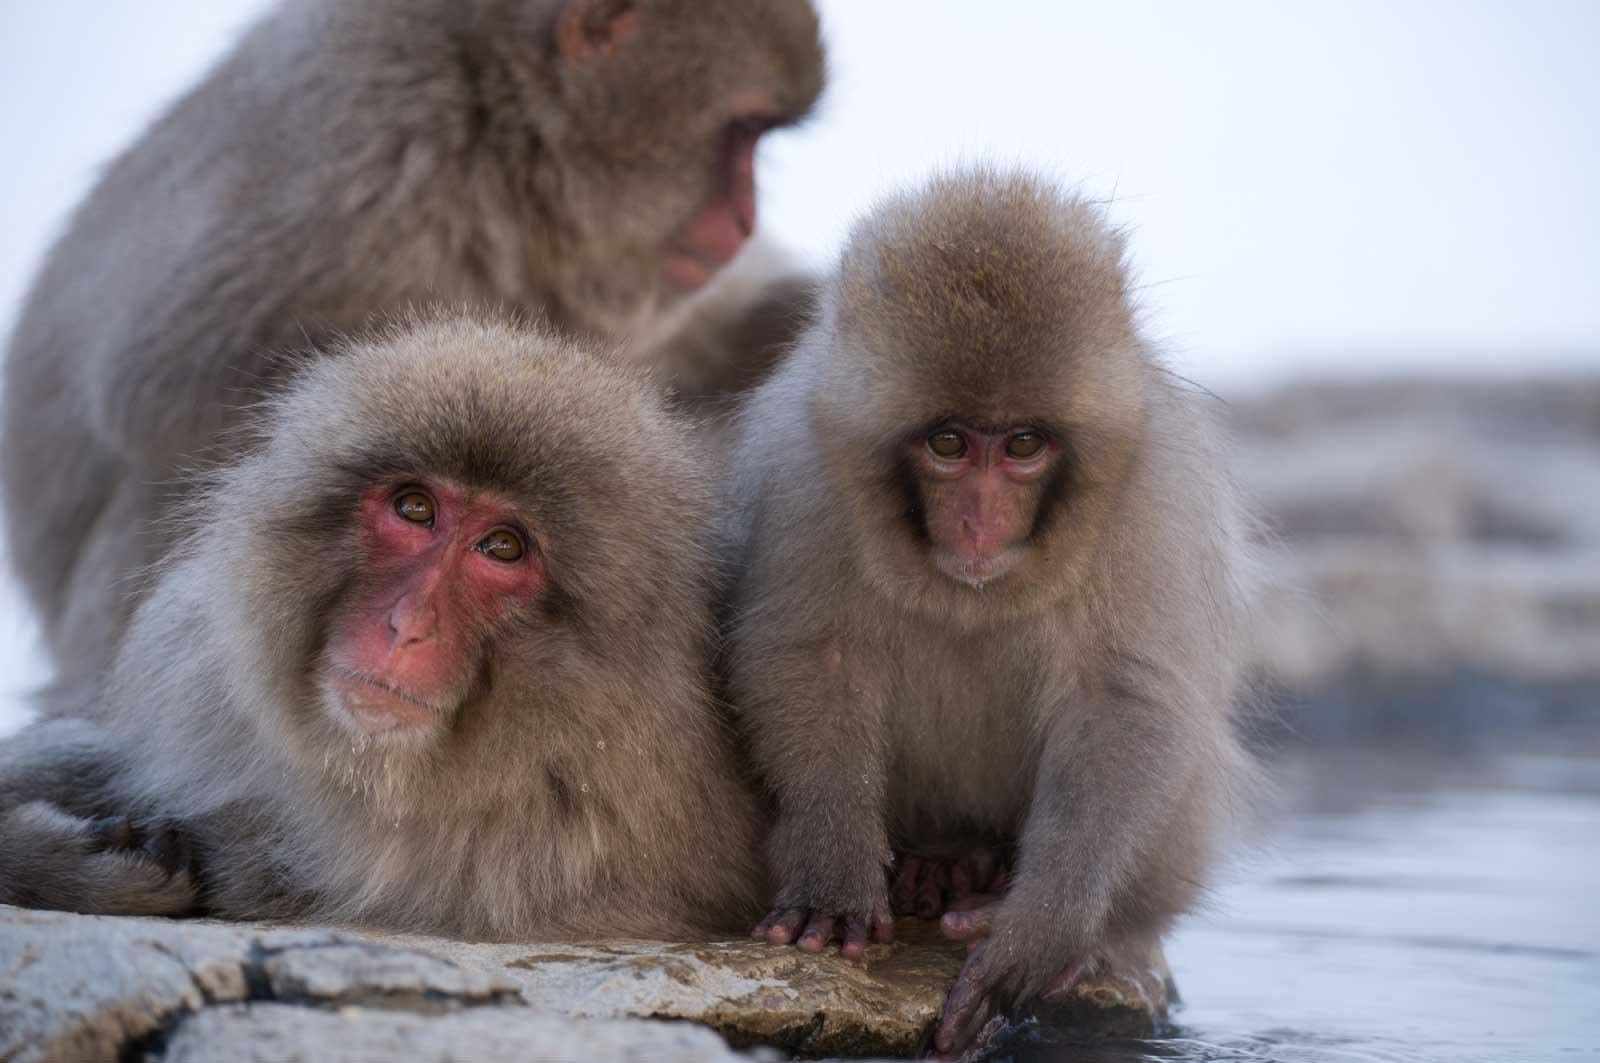 思い浮かべたのが「温泉と猿」